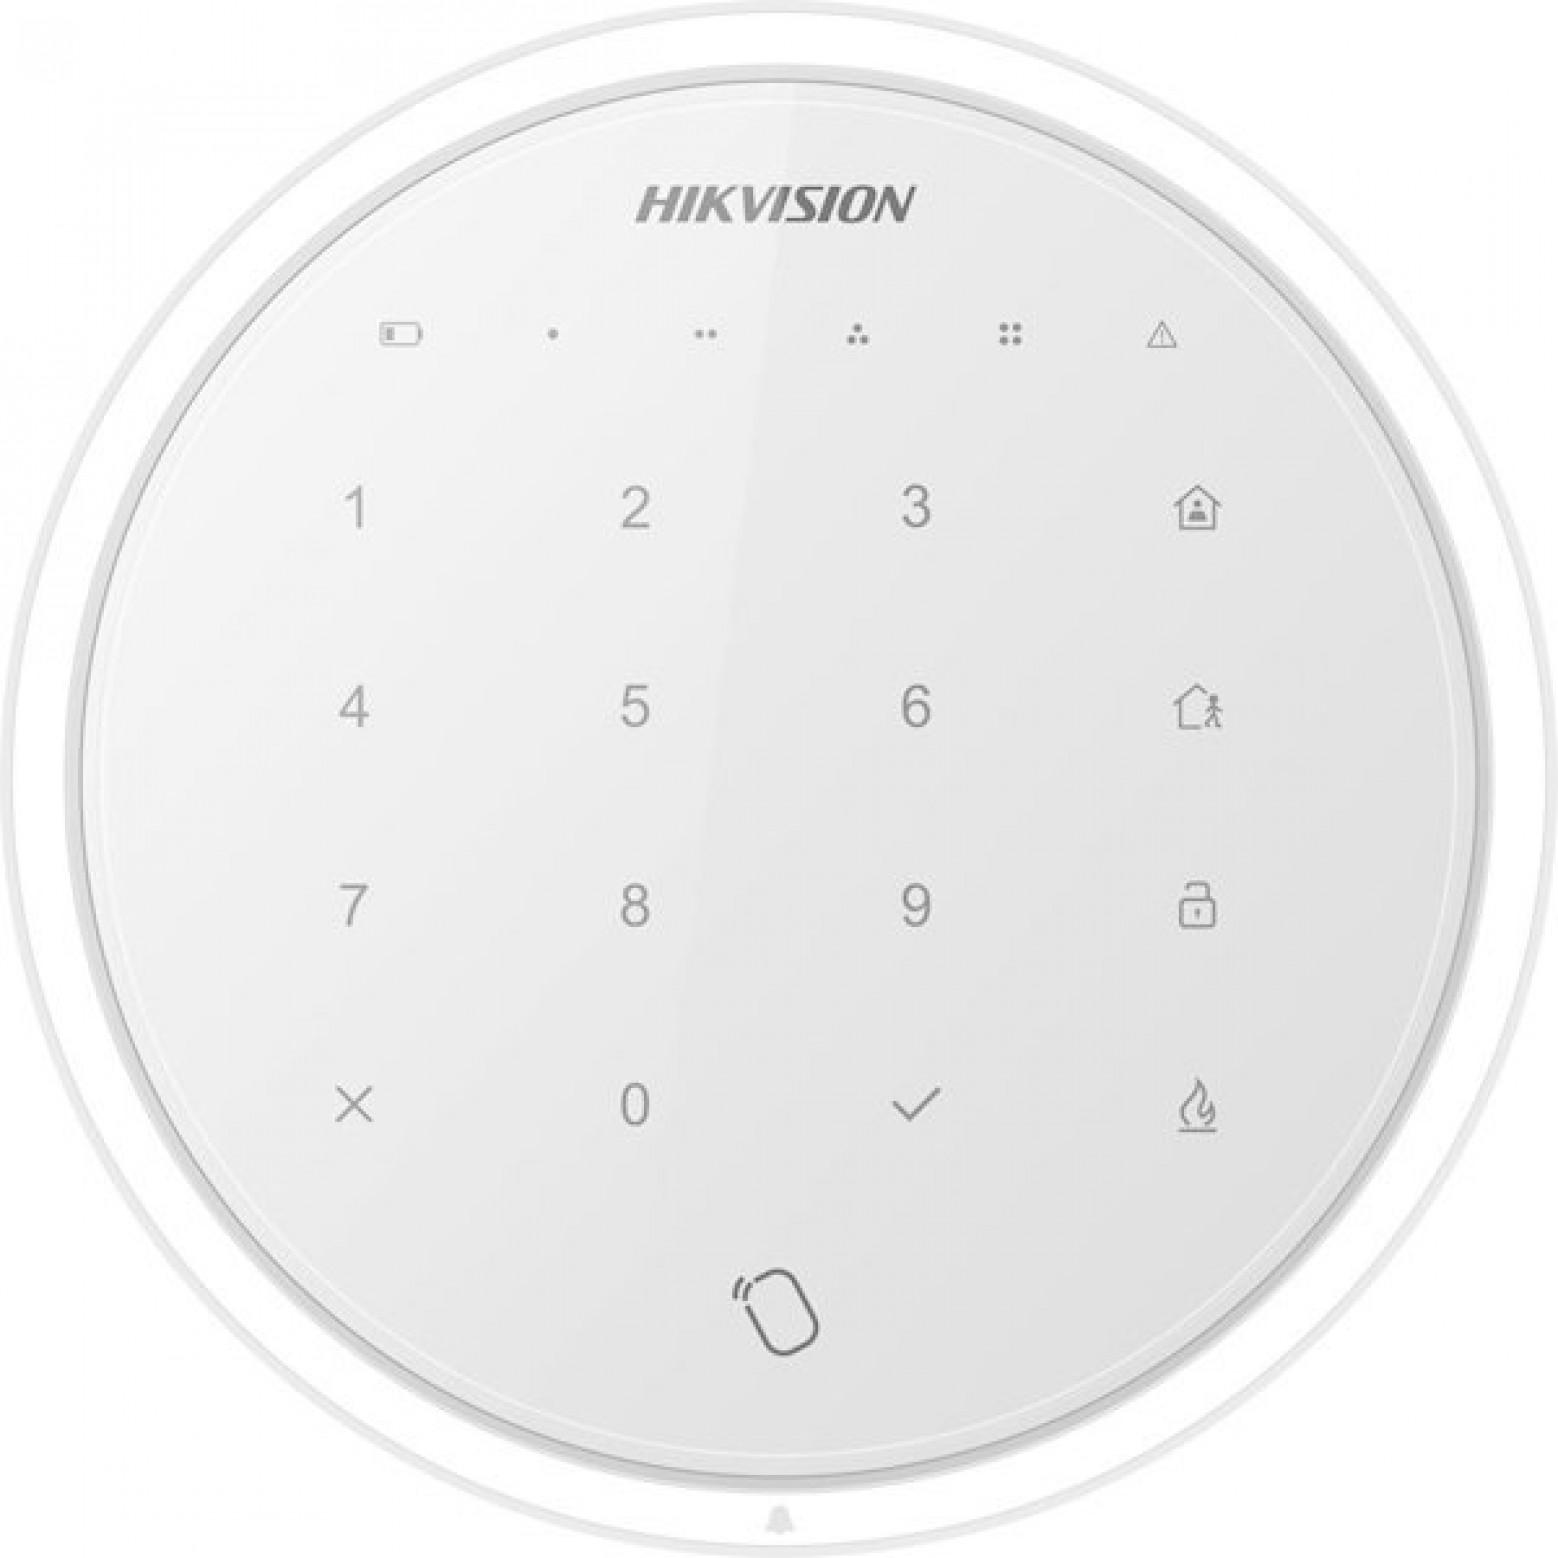 Hikvision DS-PKA-WLM-868, Draadloos Bedieningspaneel